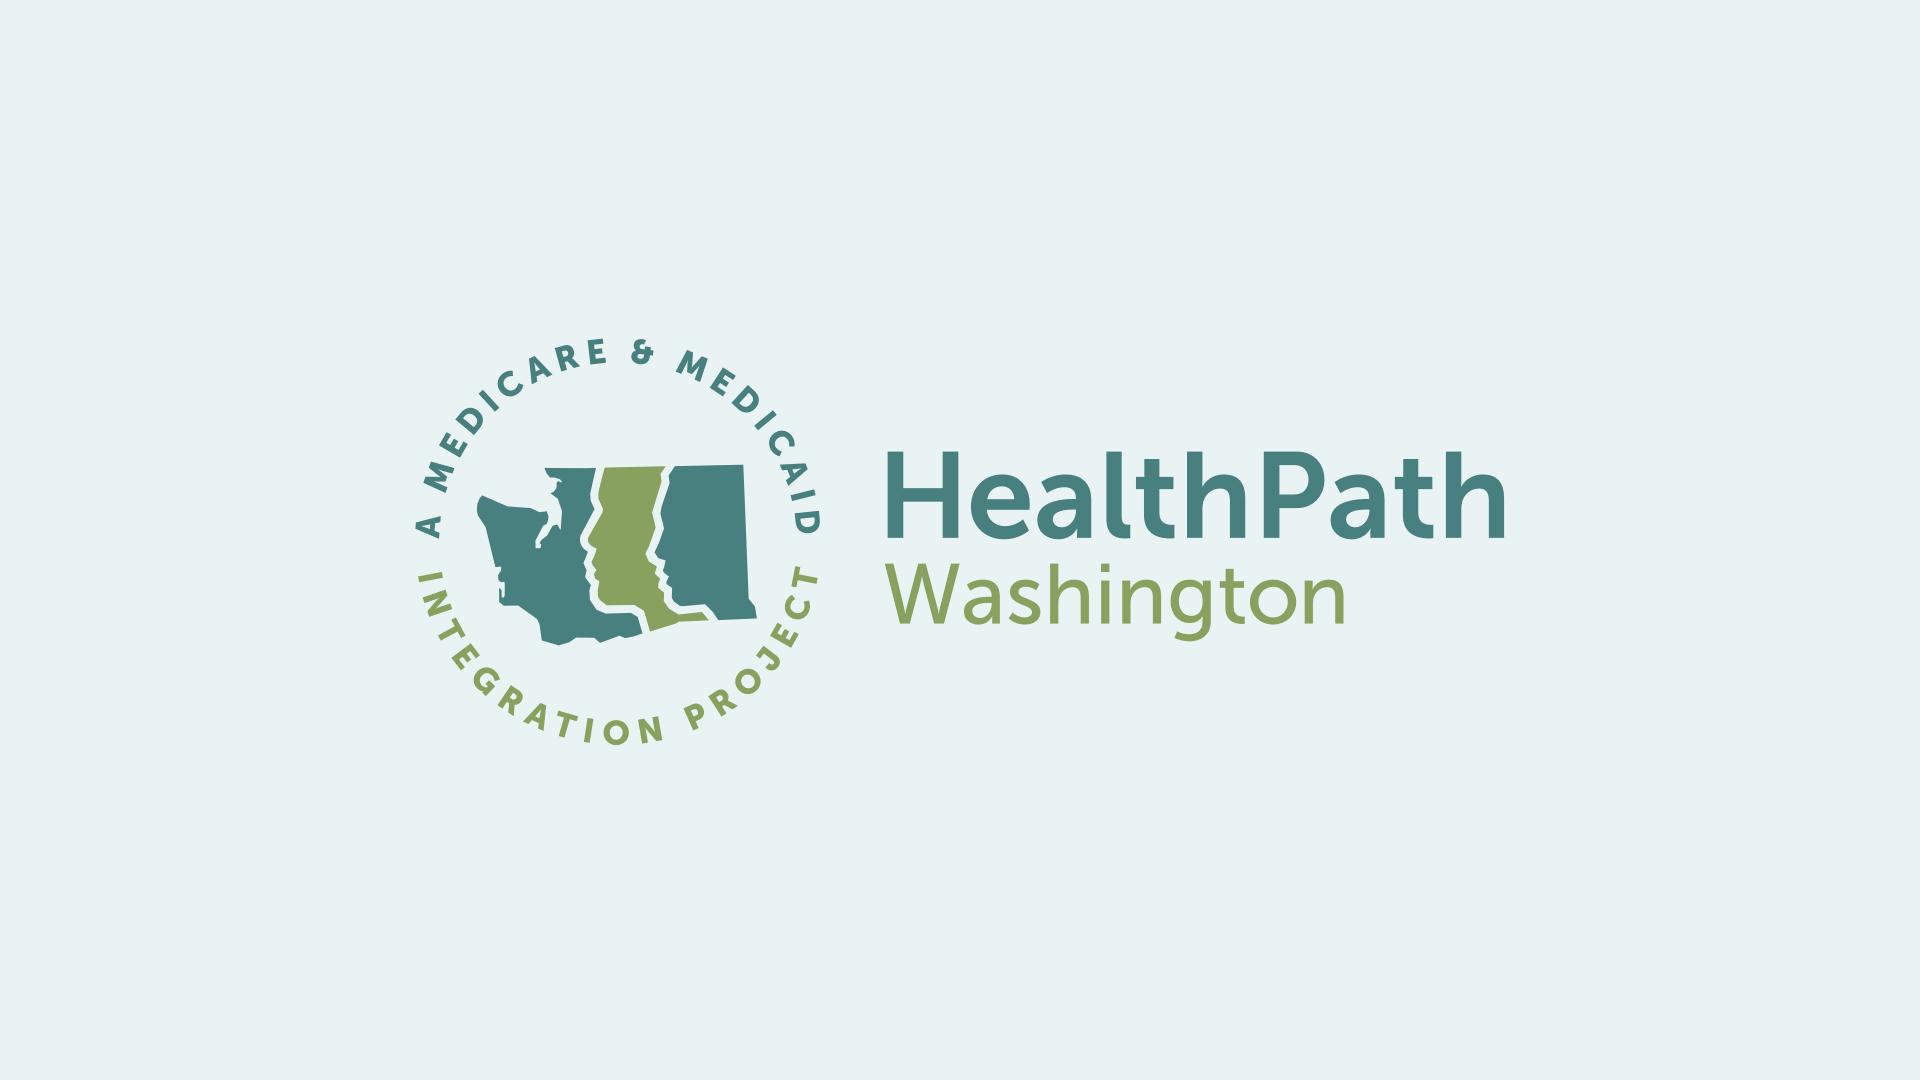 healthpath-washington-01